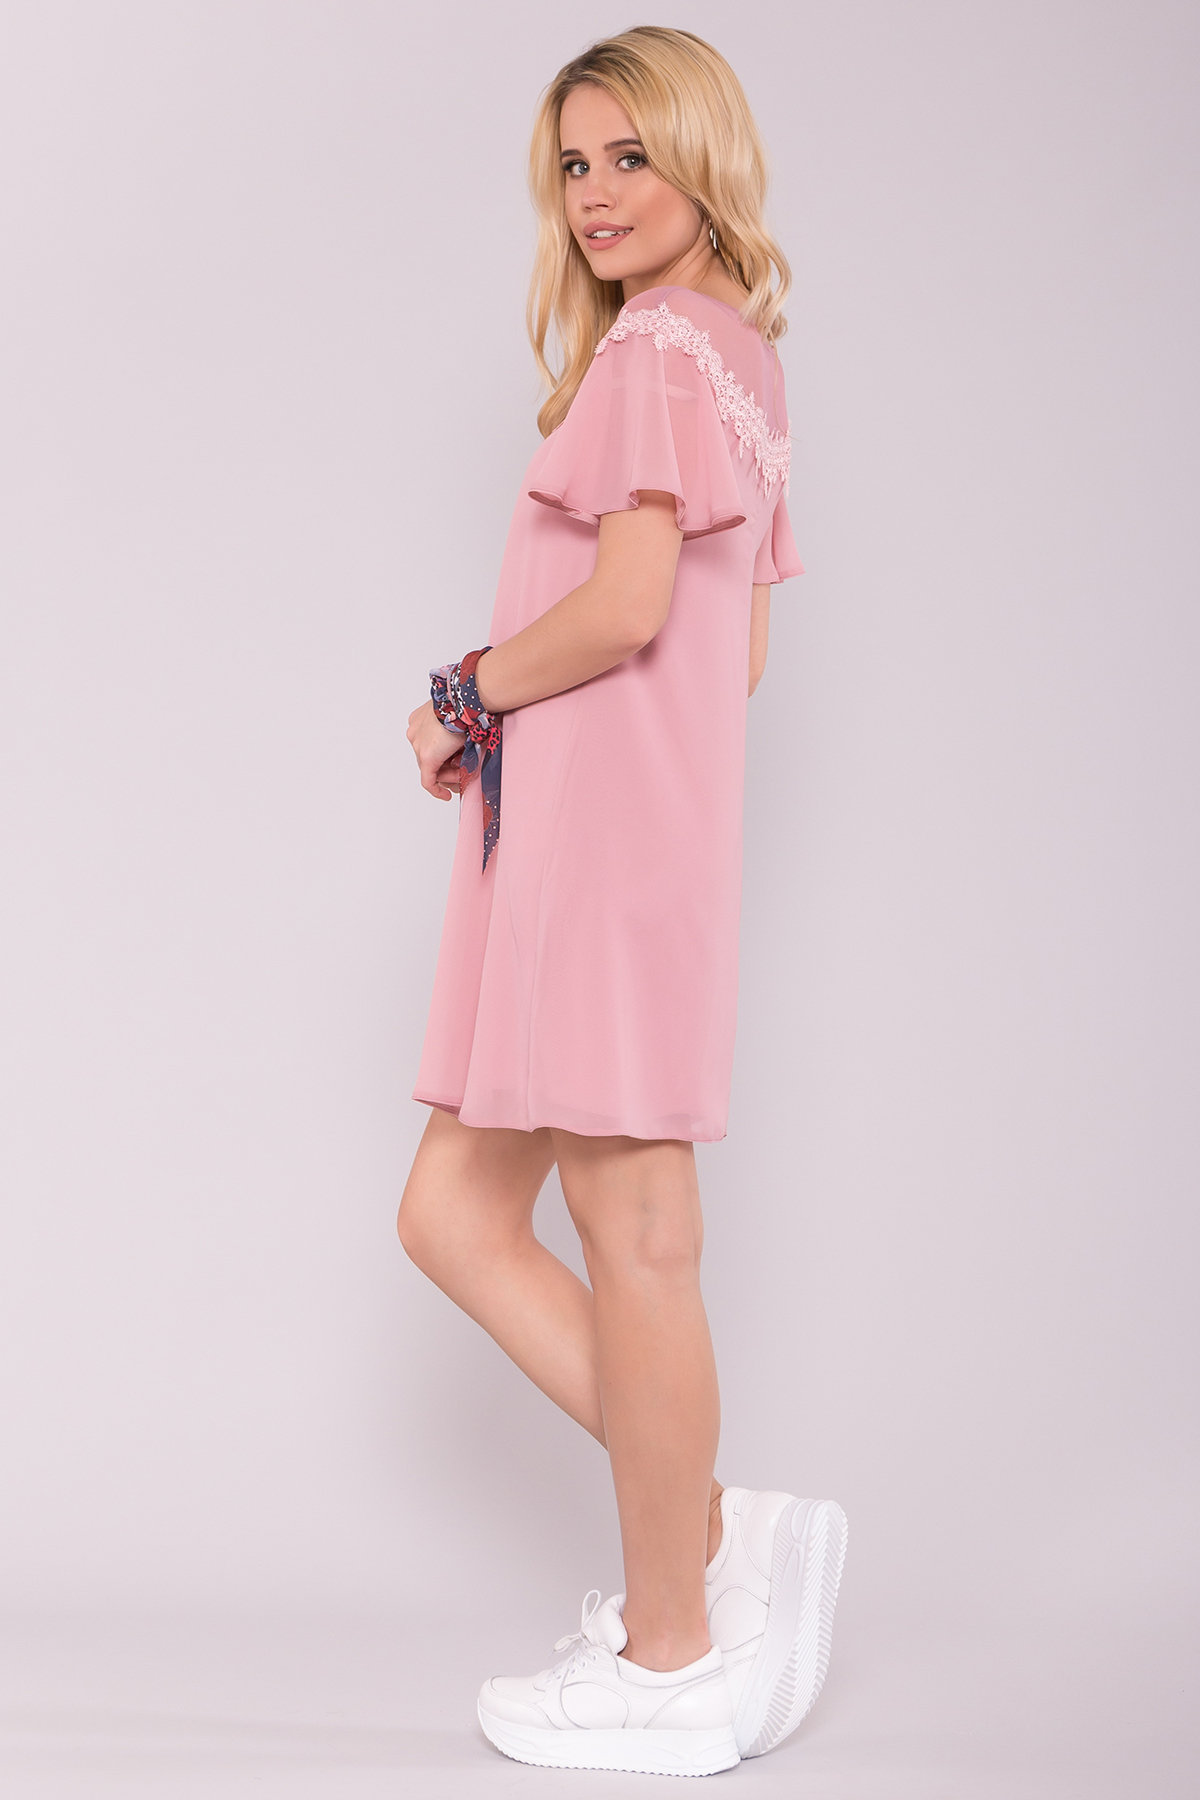 Платье Эри 7255 АРТ. 42807 Цвет: Пудра Темная - фото 2, интернет магазин tm-modus.ru